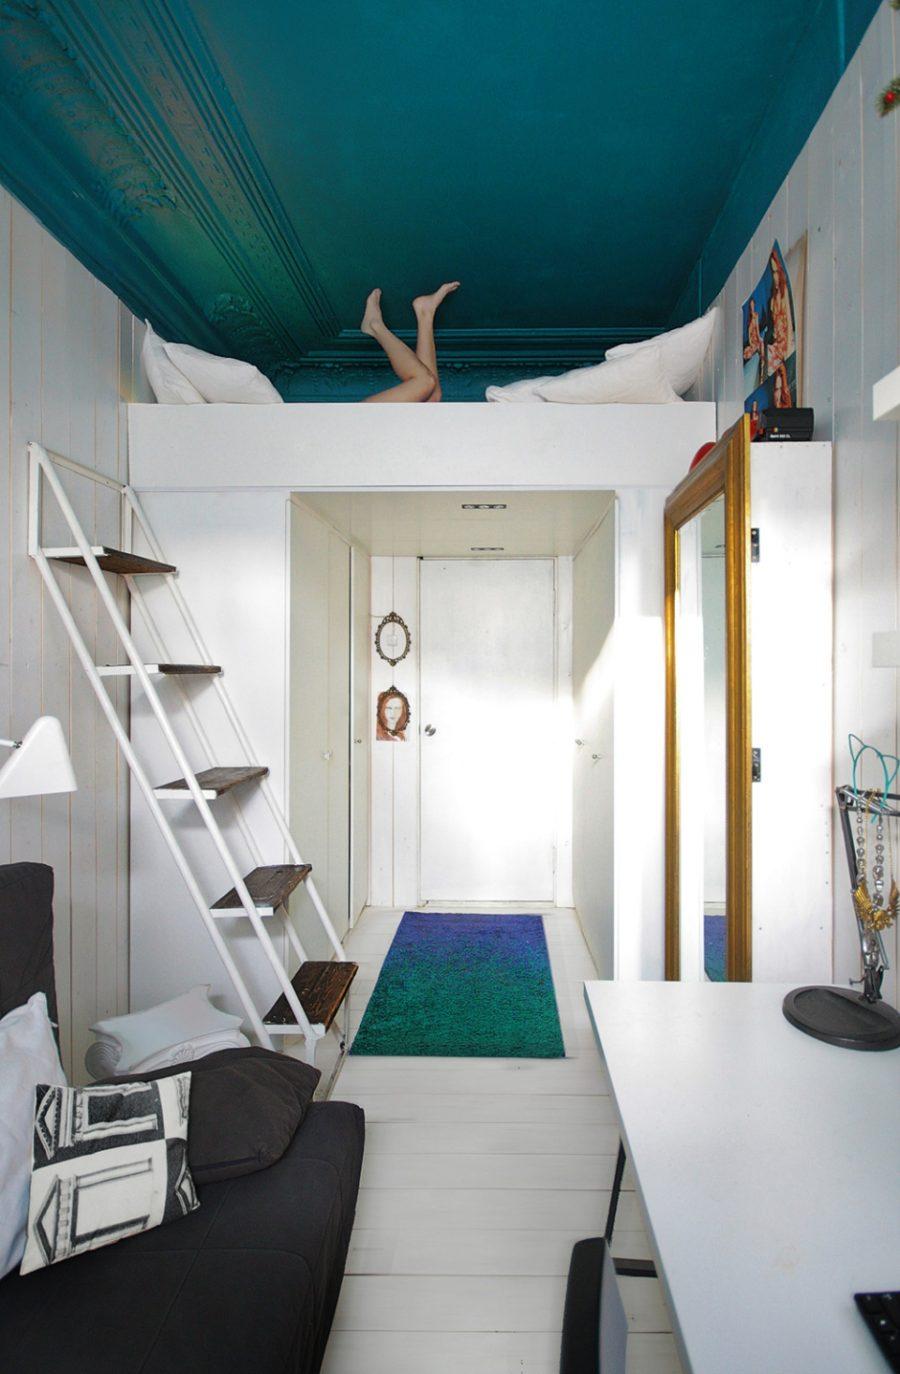 Wohnung Amsterdam 6 Personen